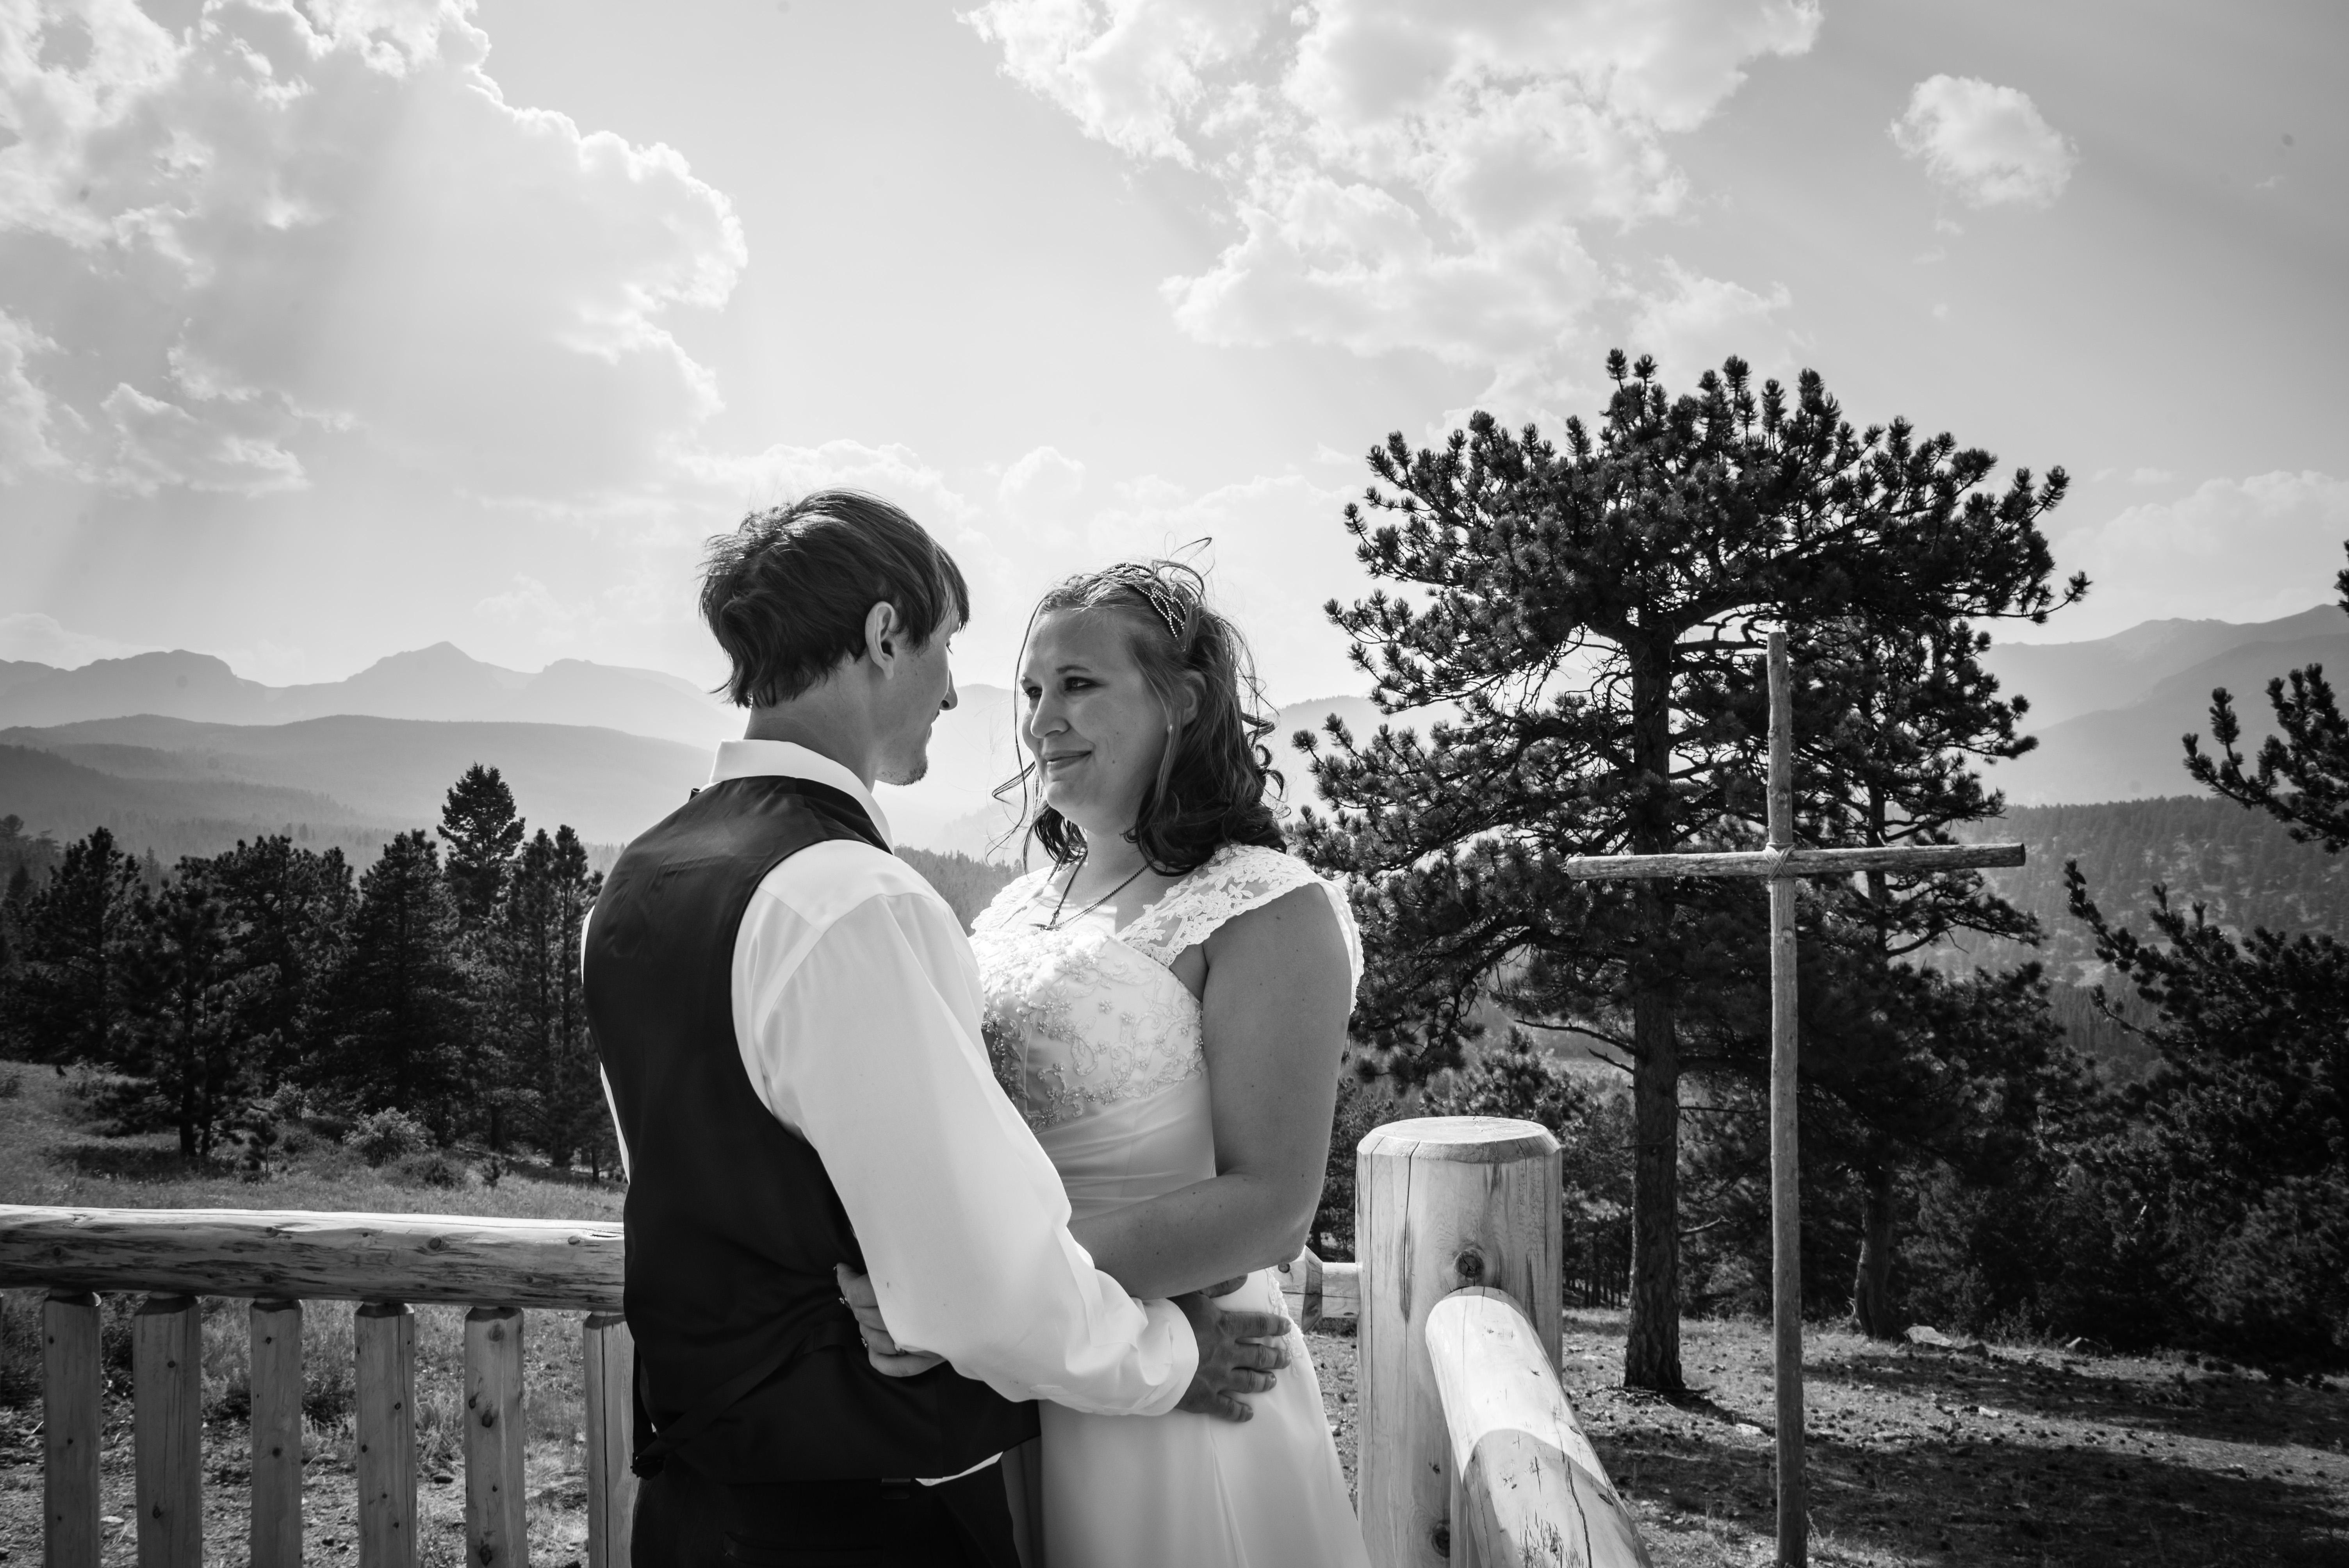 DeweyPhotography_Weddings_Binghamton_NY-2